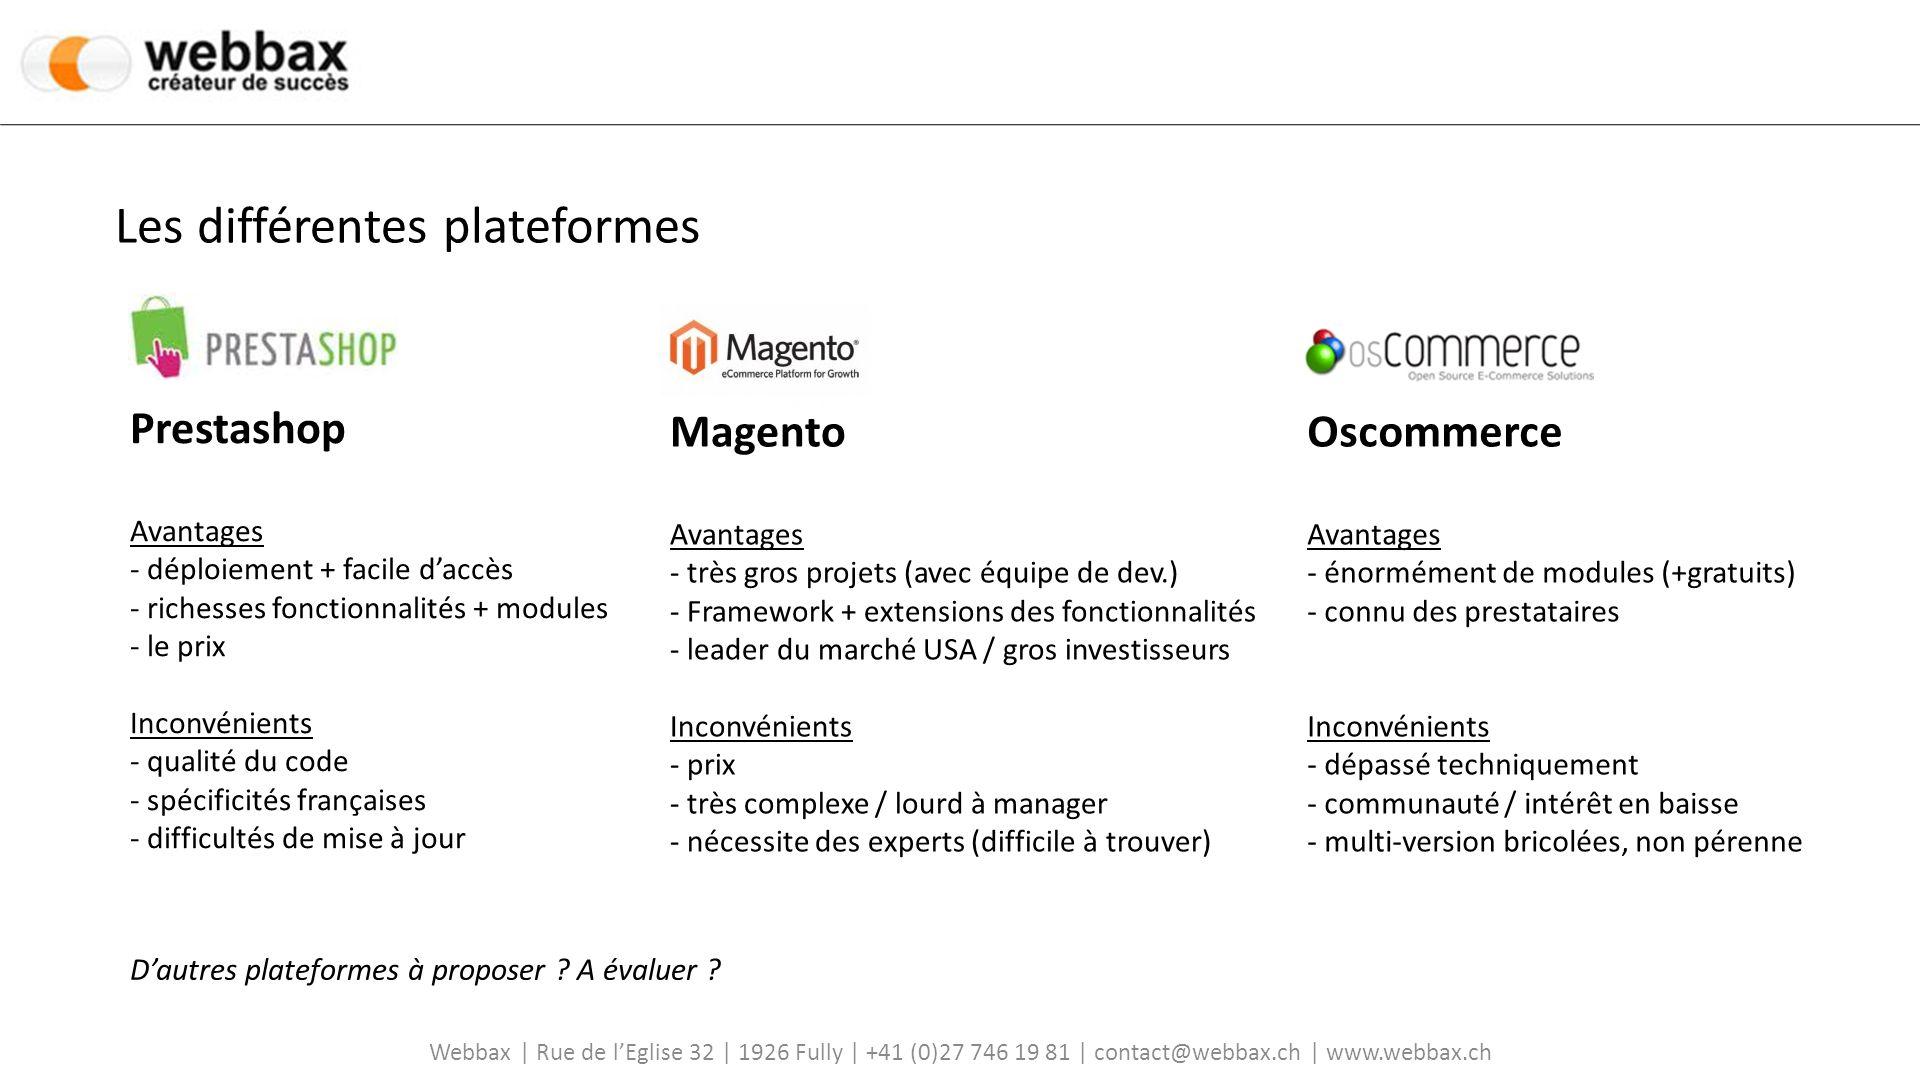 Webbax | Rue de lEglise 32 | 1926 Fully | +41 (0)27 746 19 81 | contact@webbax.ch | www.webbax.ch Prestashop Informations générales - Prestashop a été crée en France par des étudiants à Epitech (Bruno Lévêque) - Open-source - Permet de lancer son activité sur internet pour 0.- - Vite déployé et facile à prendre en main - Enormément de ressources, modules, thèmes (en payant ou gratuit) - Communauté française importante (voir forum de Prestashop) - 90000 boutiques dans le monde et dans tous les pays -Déploiement de leur solution aux USA - levée de fond de 3M auprès dinvestisseurs Effectuer une visite du site : www.prestashop.comwww.prestashop.com